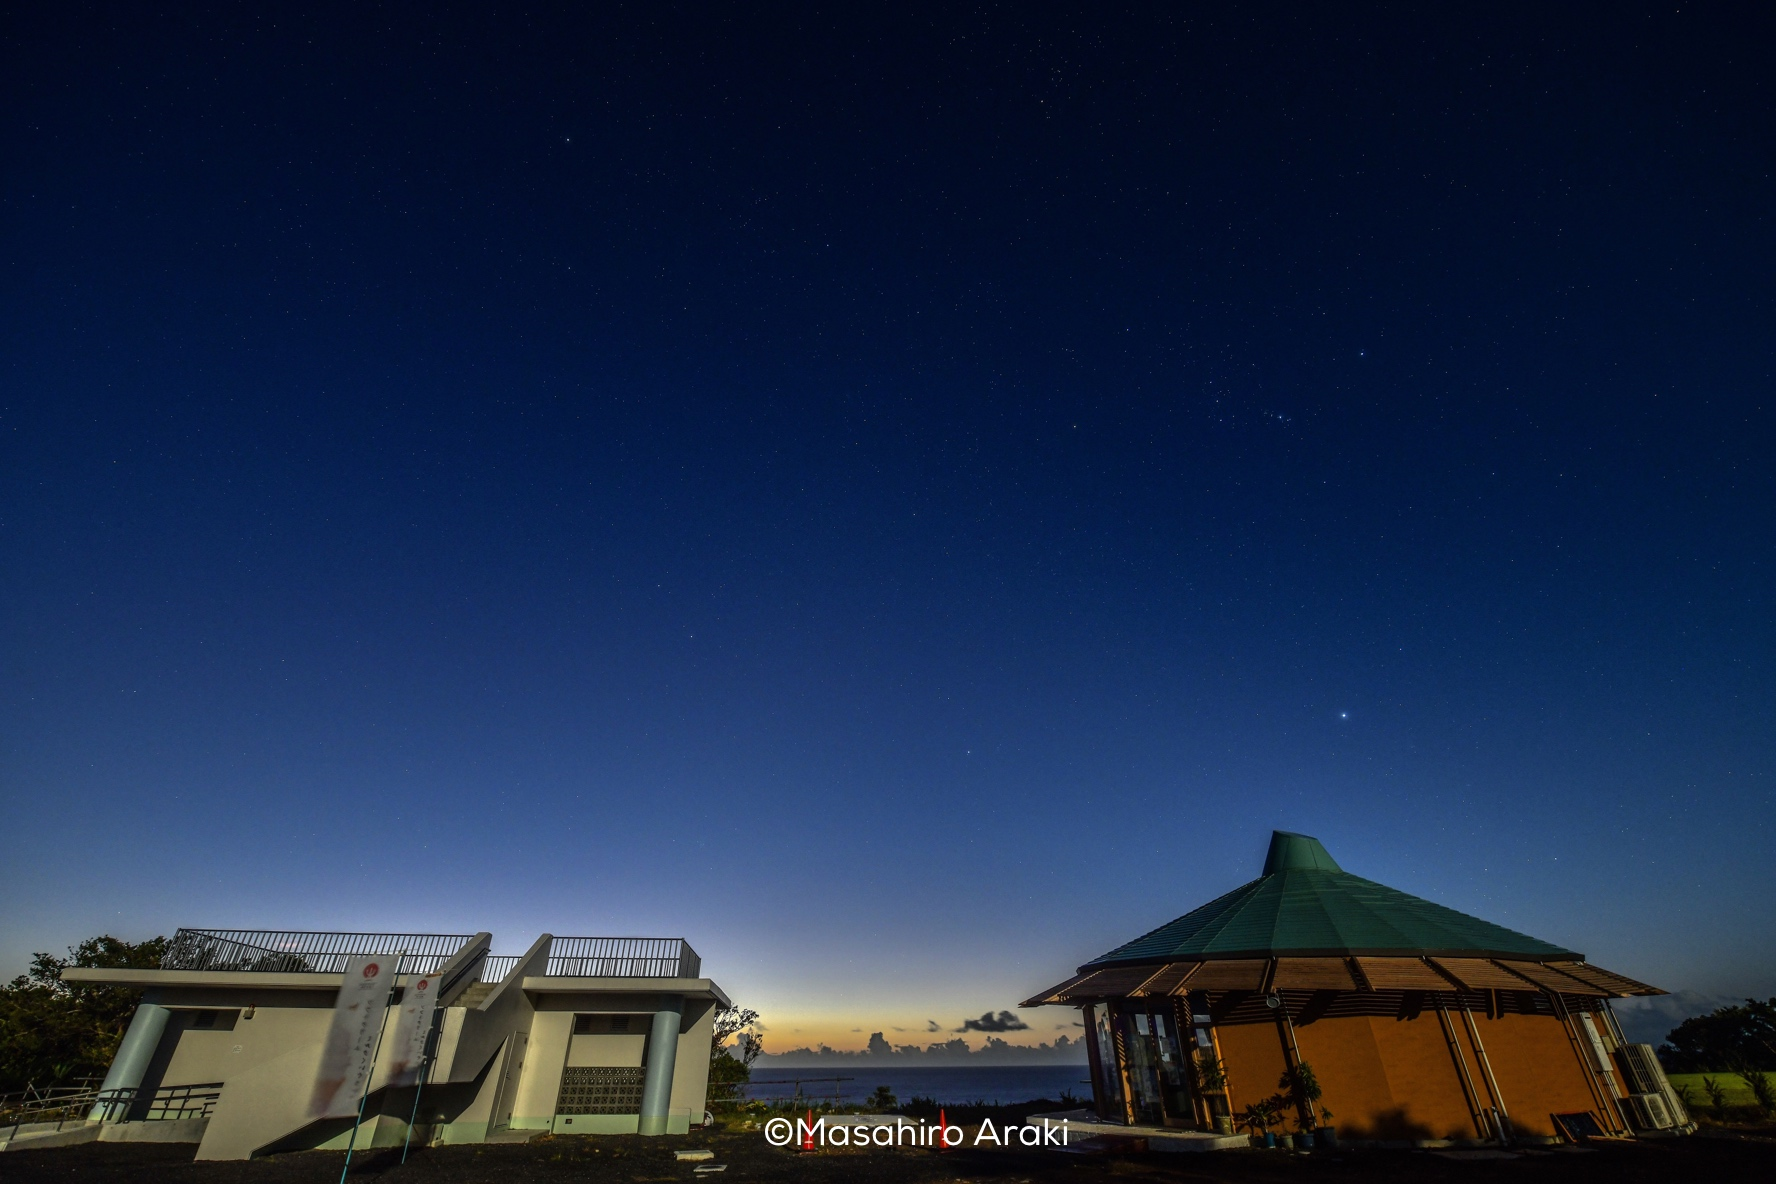 駐車場と観光案内所と星空の写真001_02 のコピー